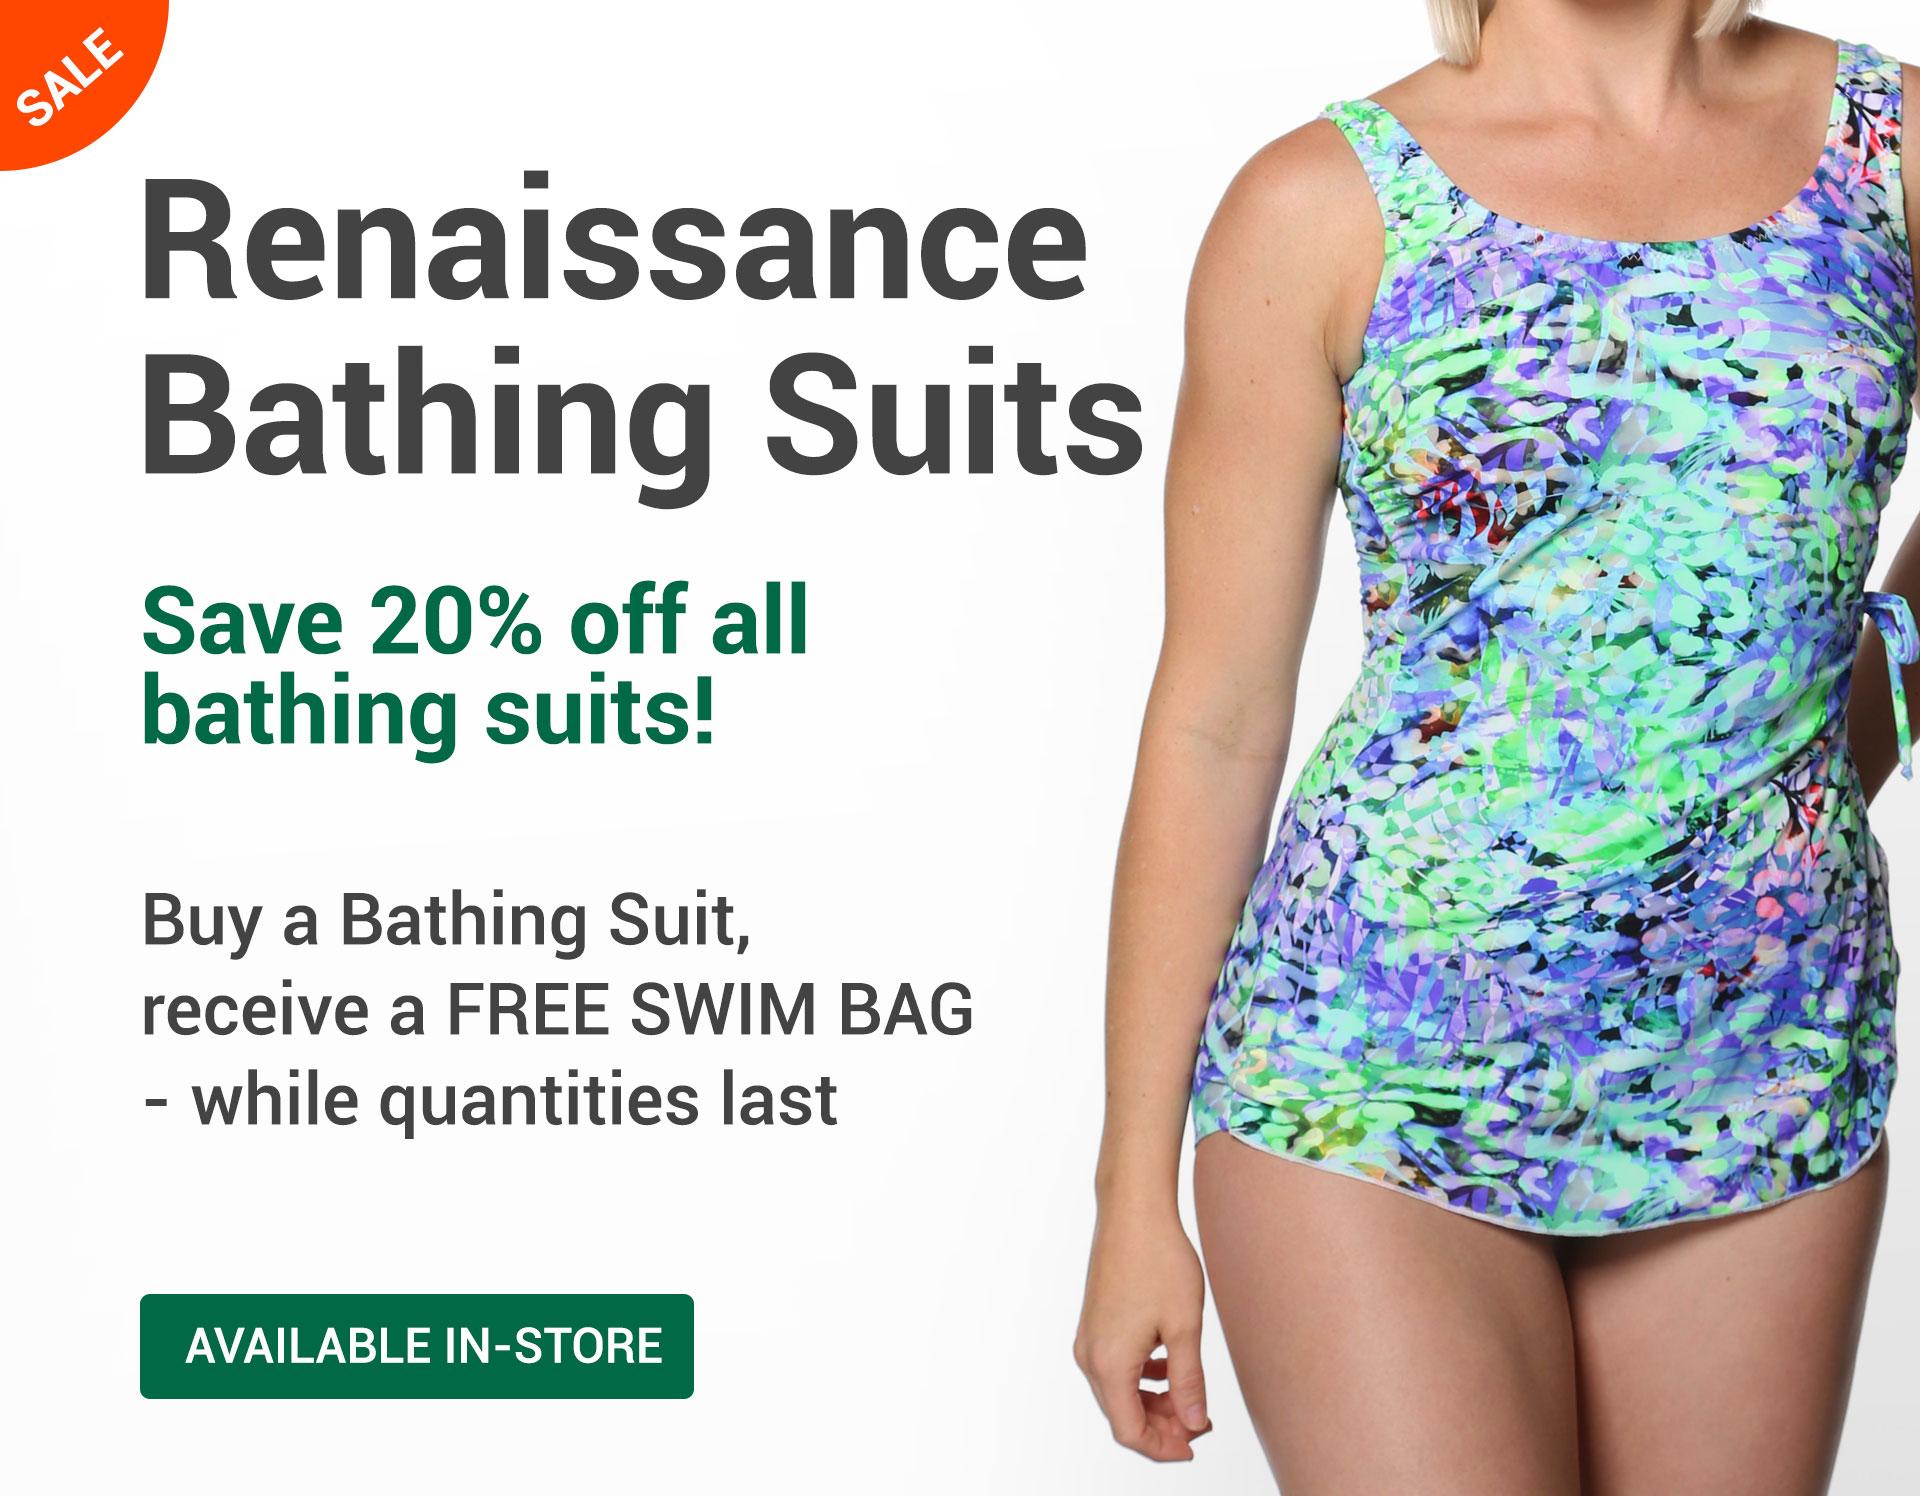 Renaissance Bathing Suits - On Sale